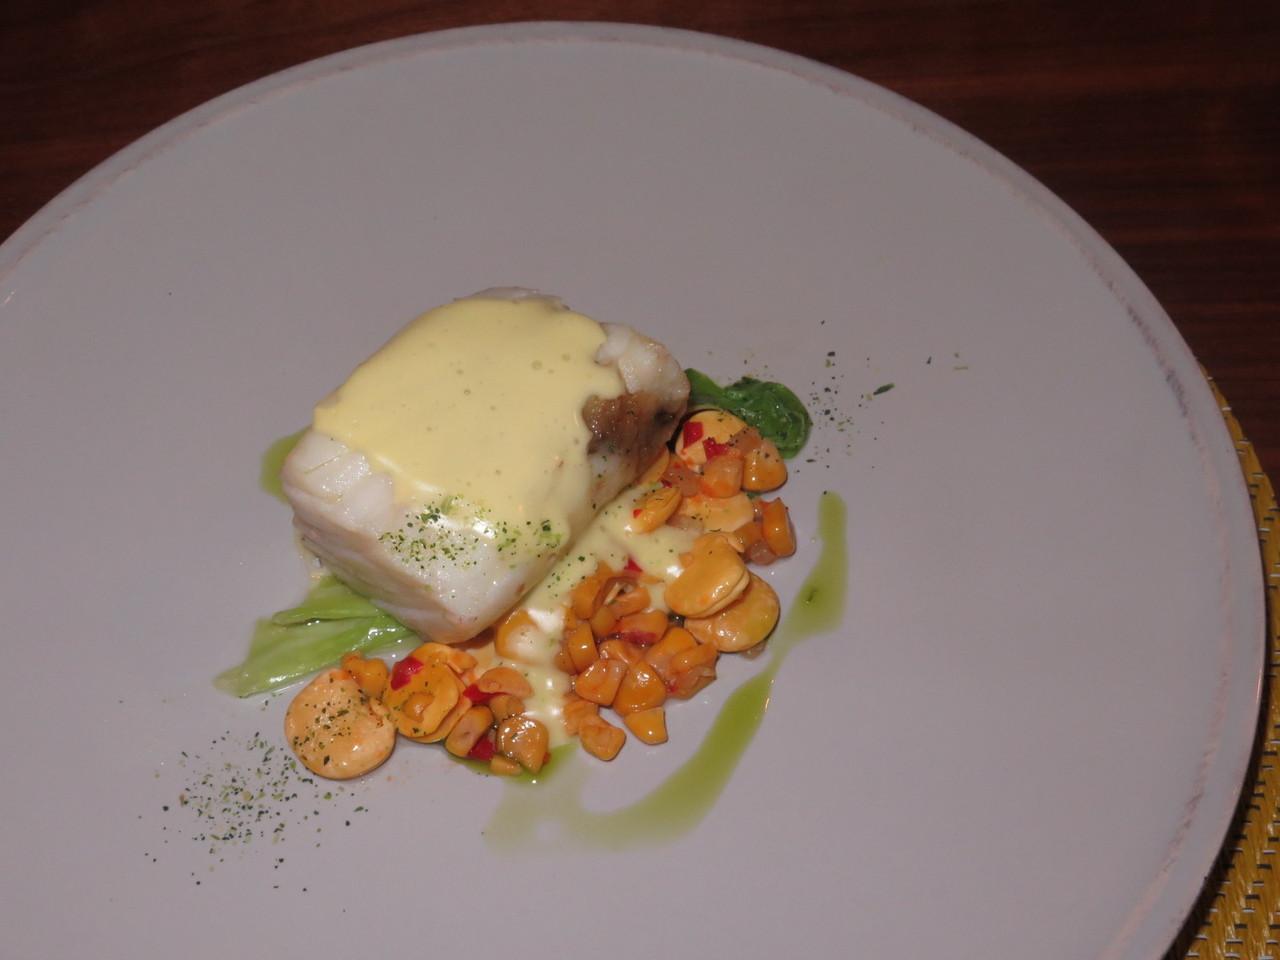 Peixe – Tremoço fermentado, bacalhau, couve-coração e amêndoa